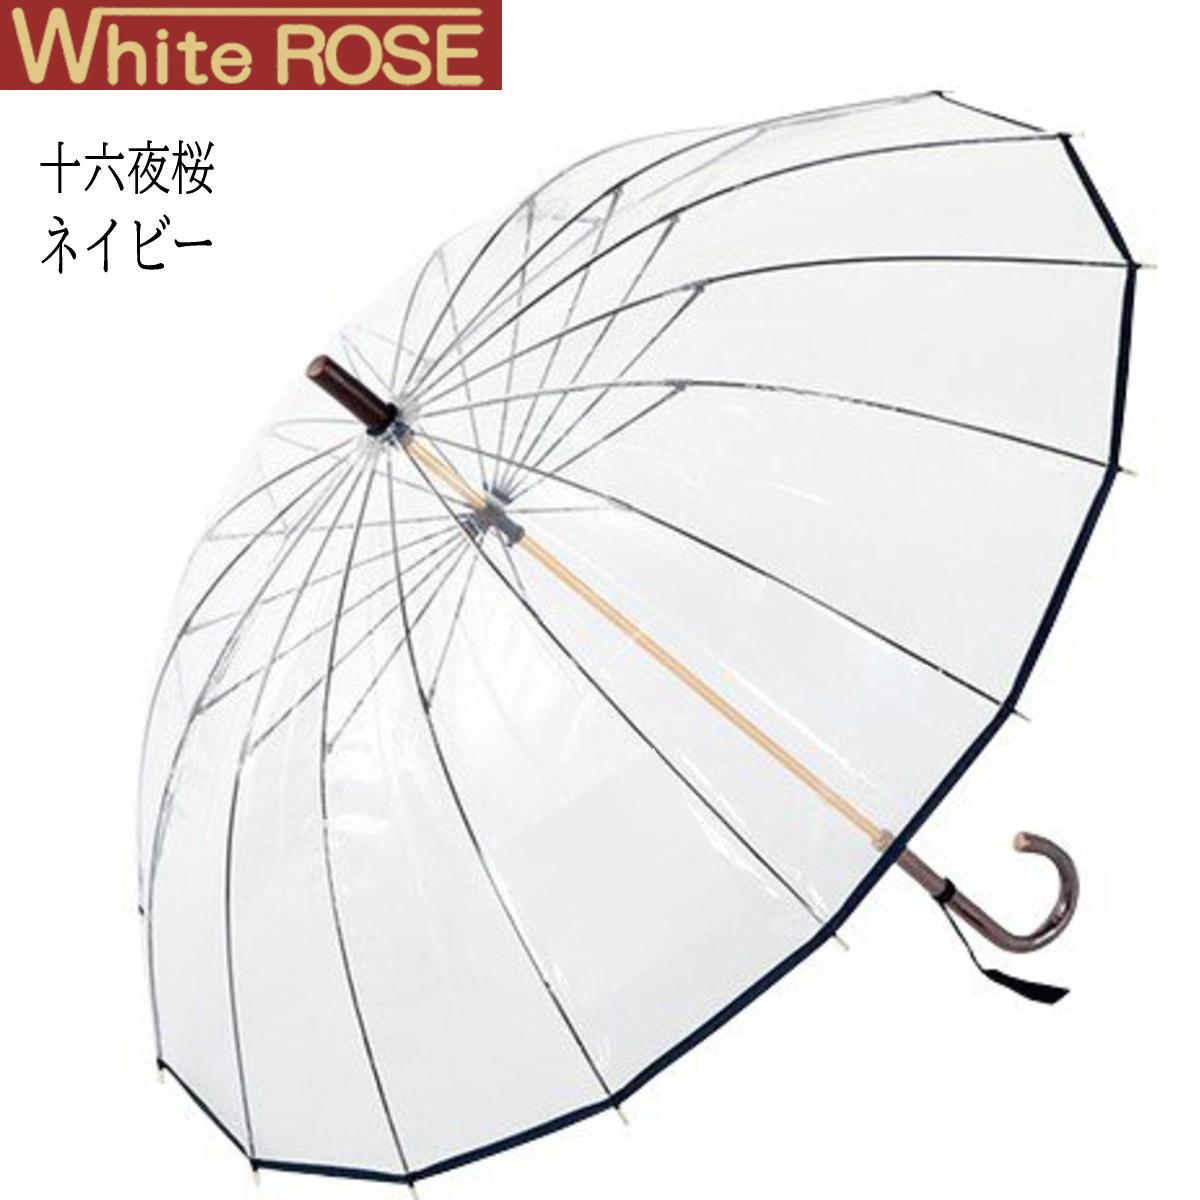 ホワイトローズ 十六夜桜 いざよいさくら ネイビー ビニール傘 16本骨